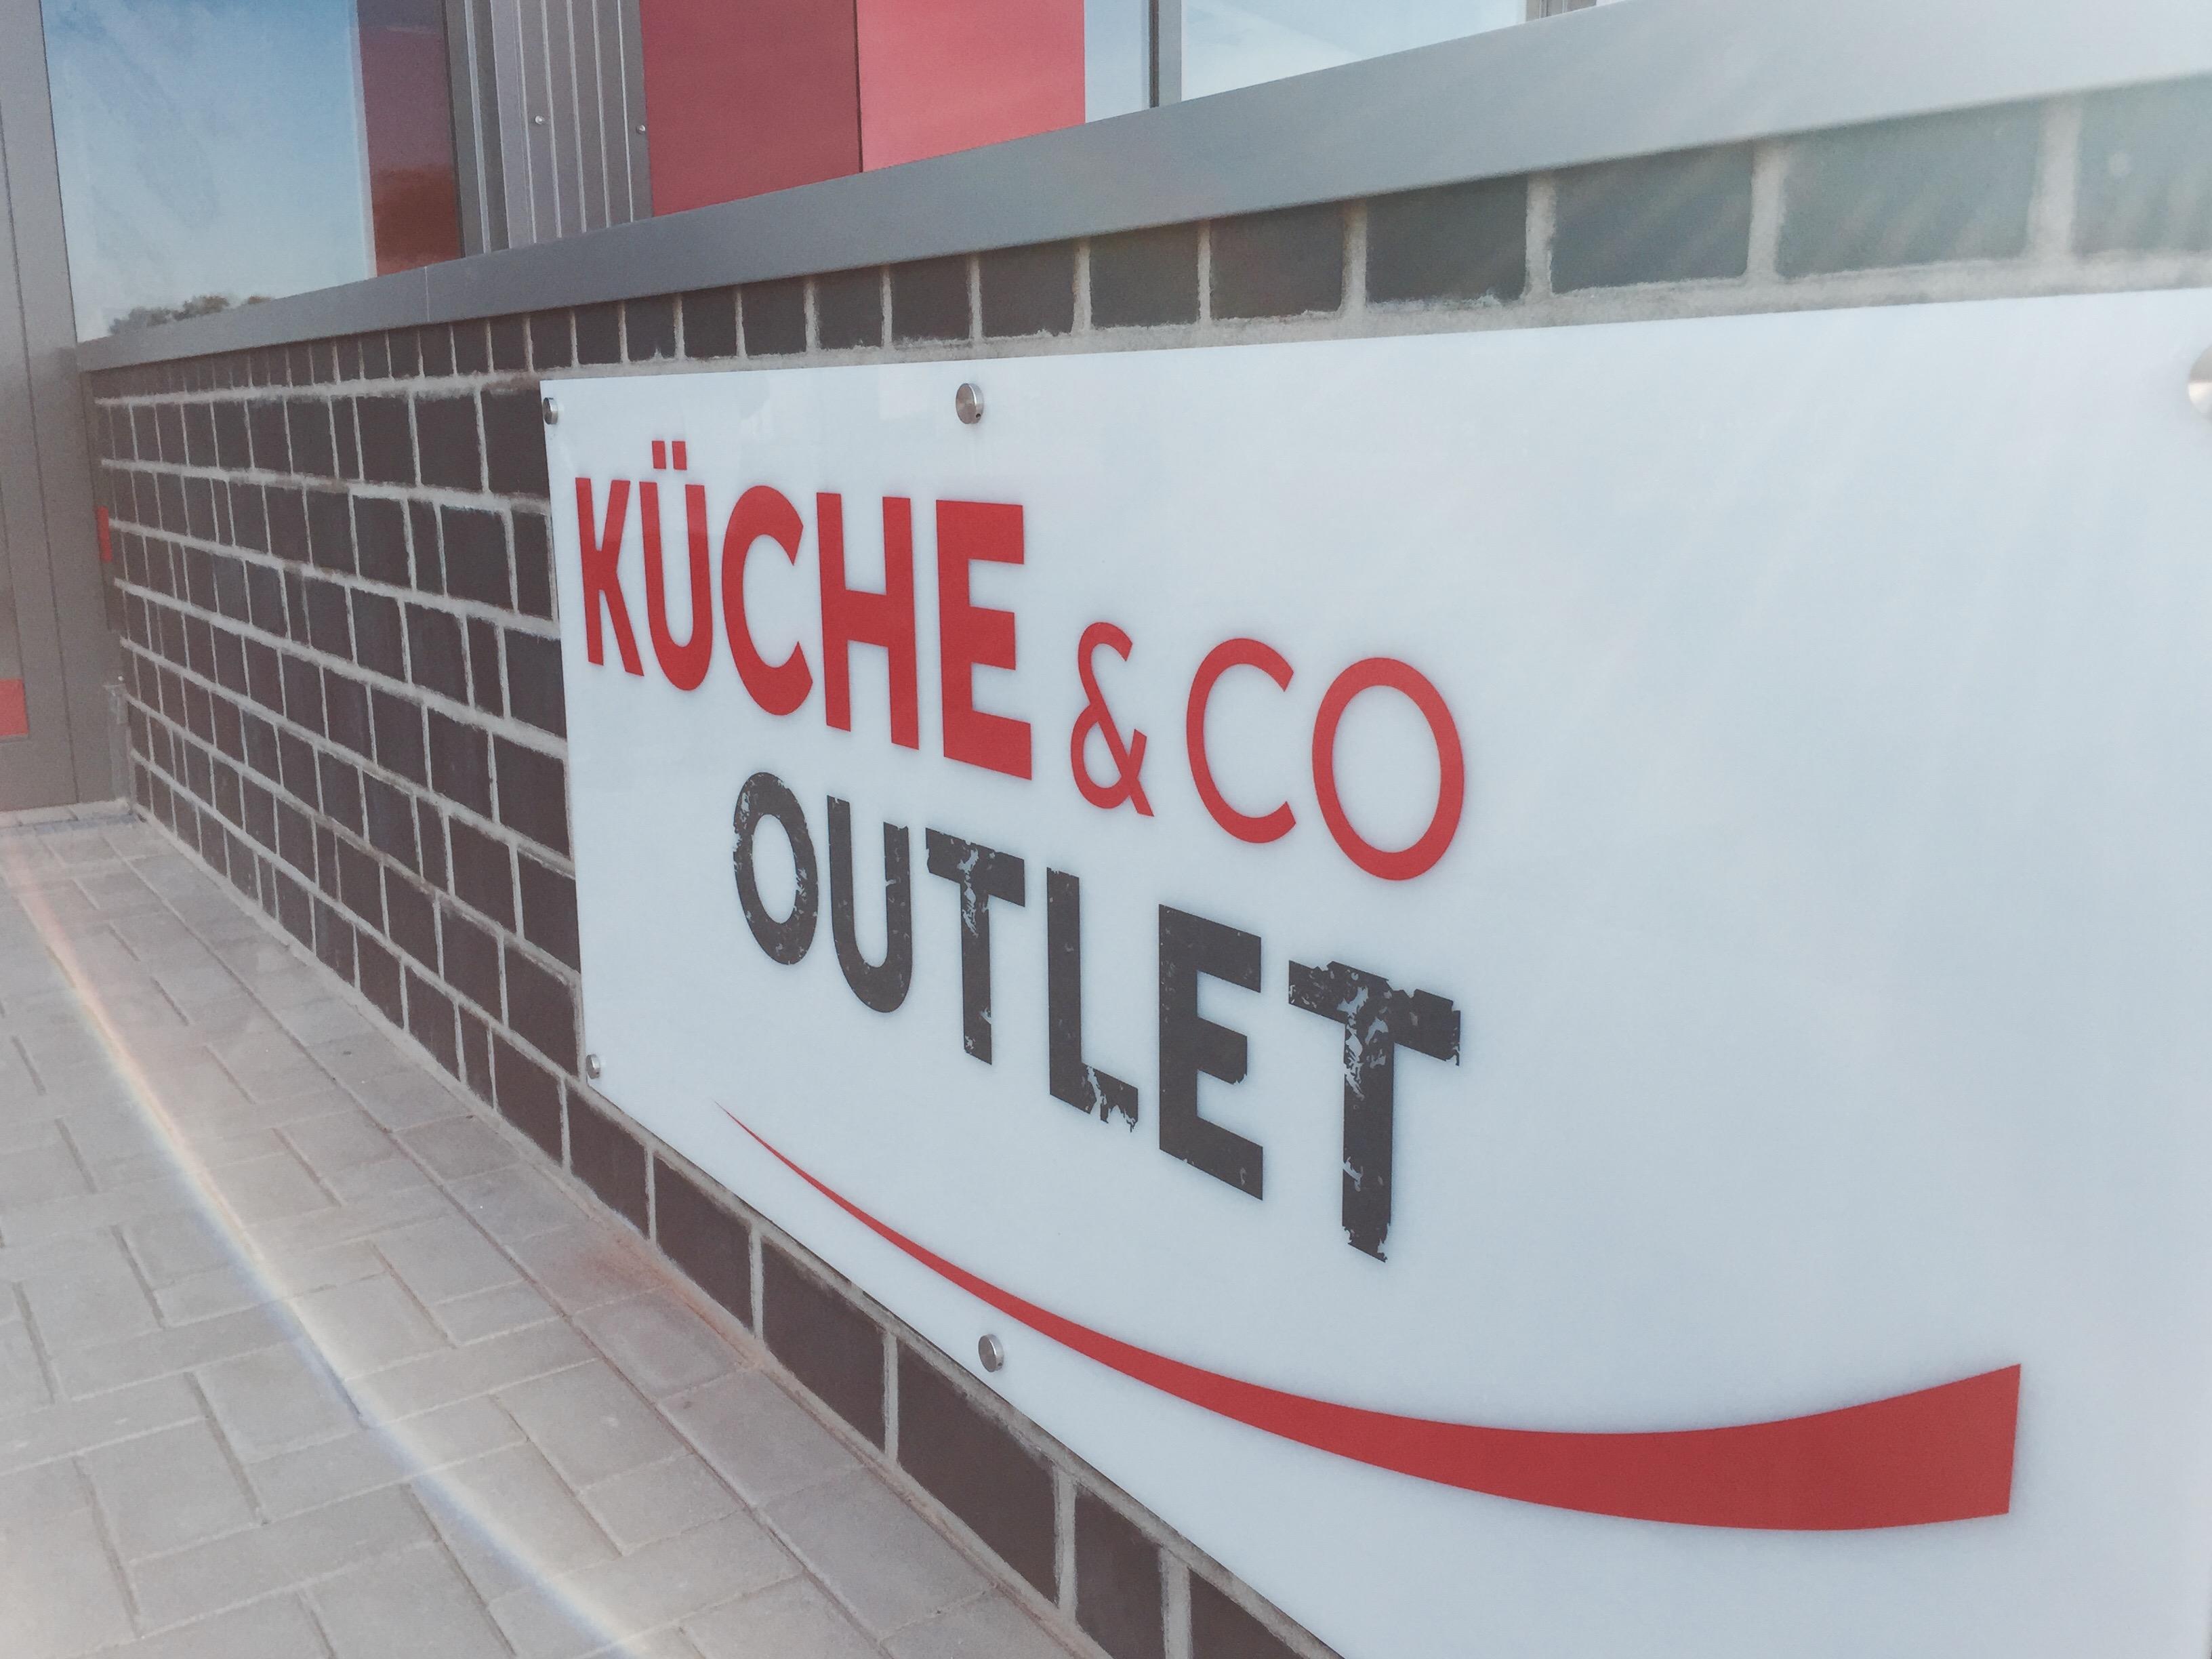 Küche&Co Outlet Wildeshausen